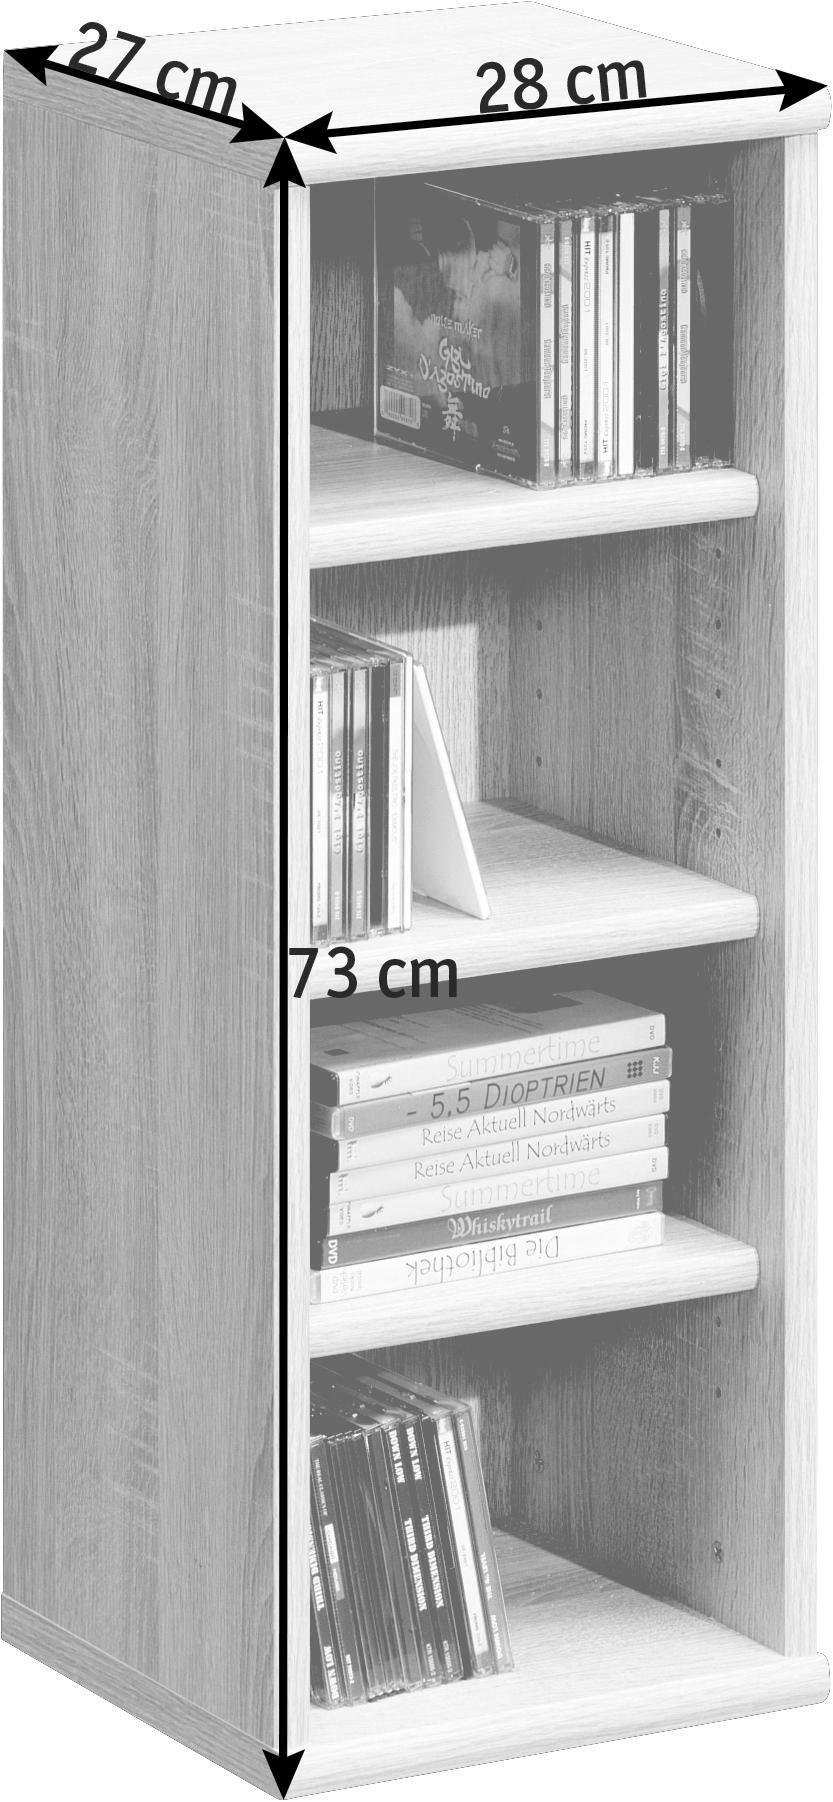 REGAL Weiß - Weiß, Design, Holz (28/73/26cm) - CS SCHMAL